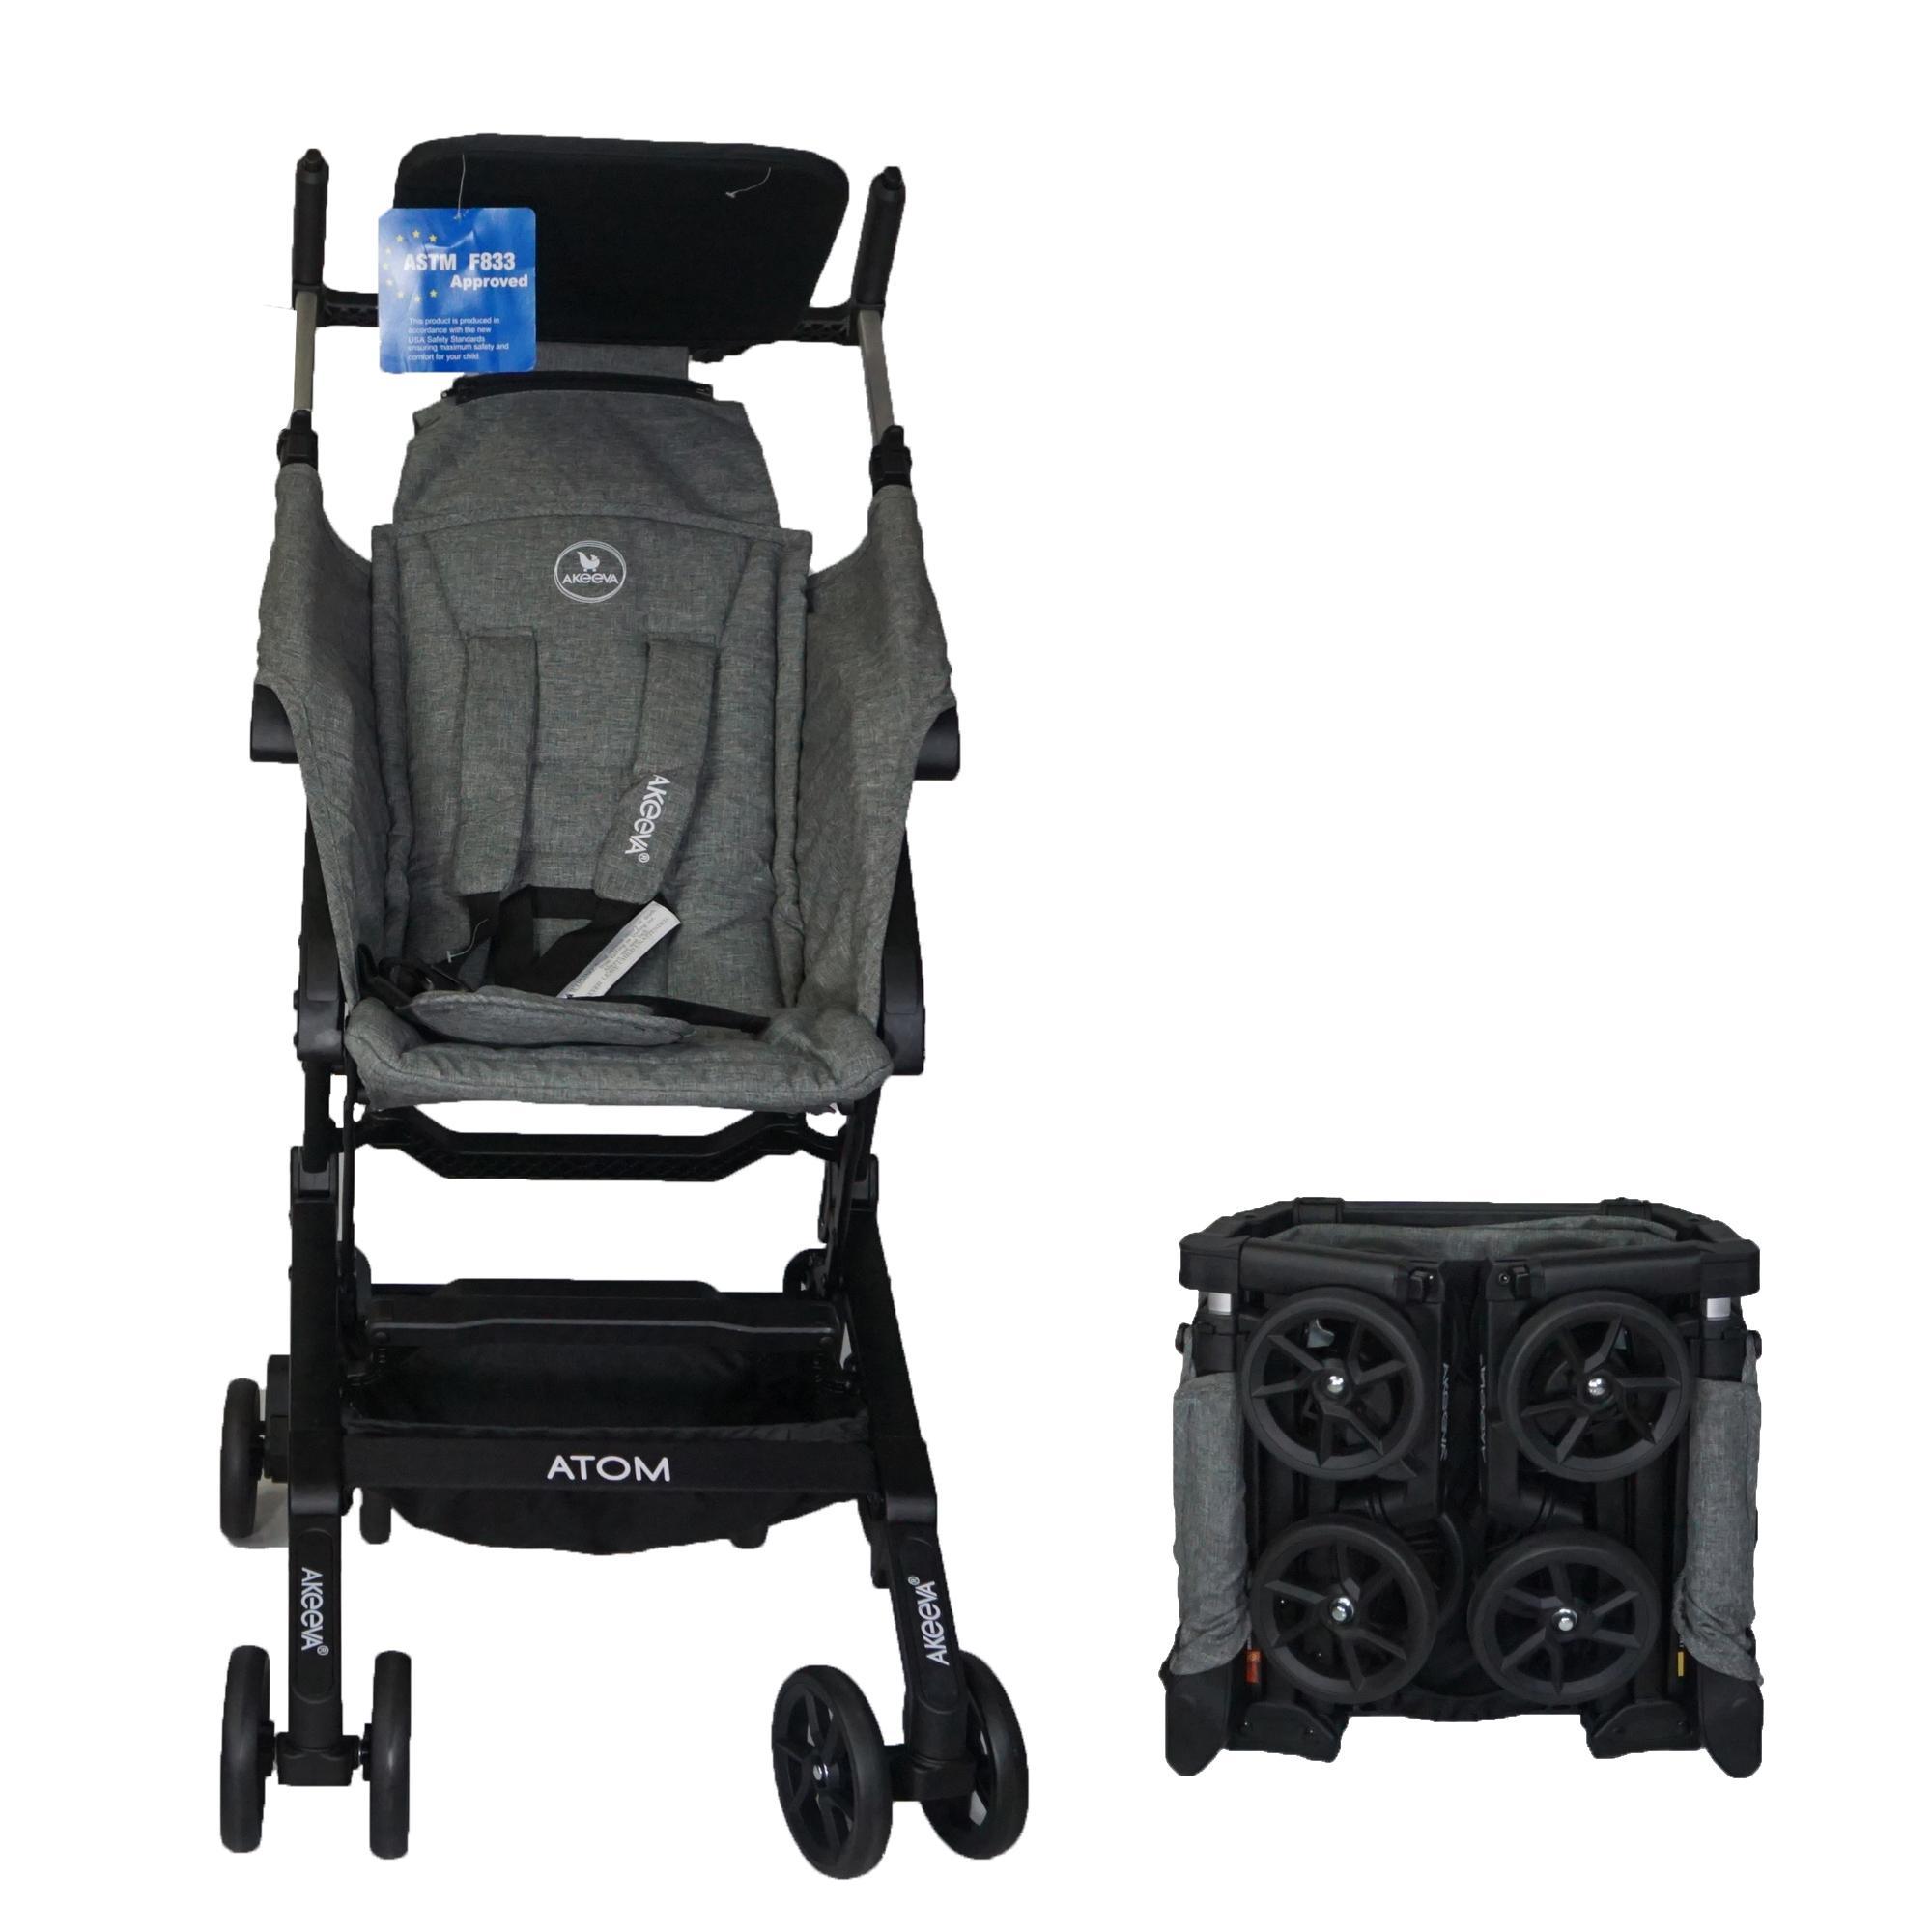 Akeeva Ultra Pocket Stroller (Atom)